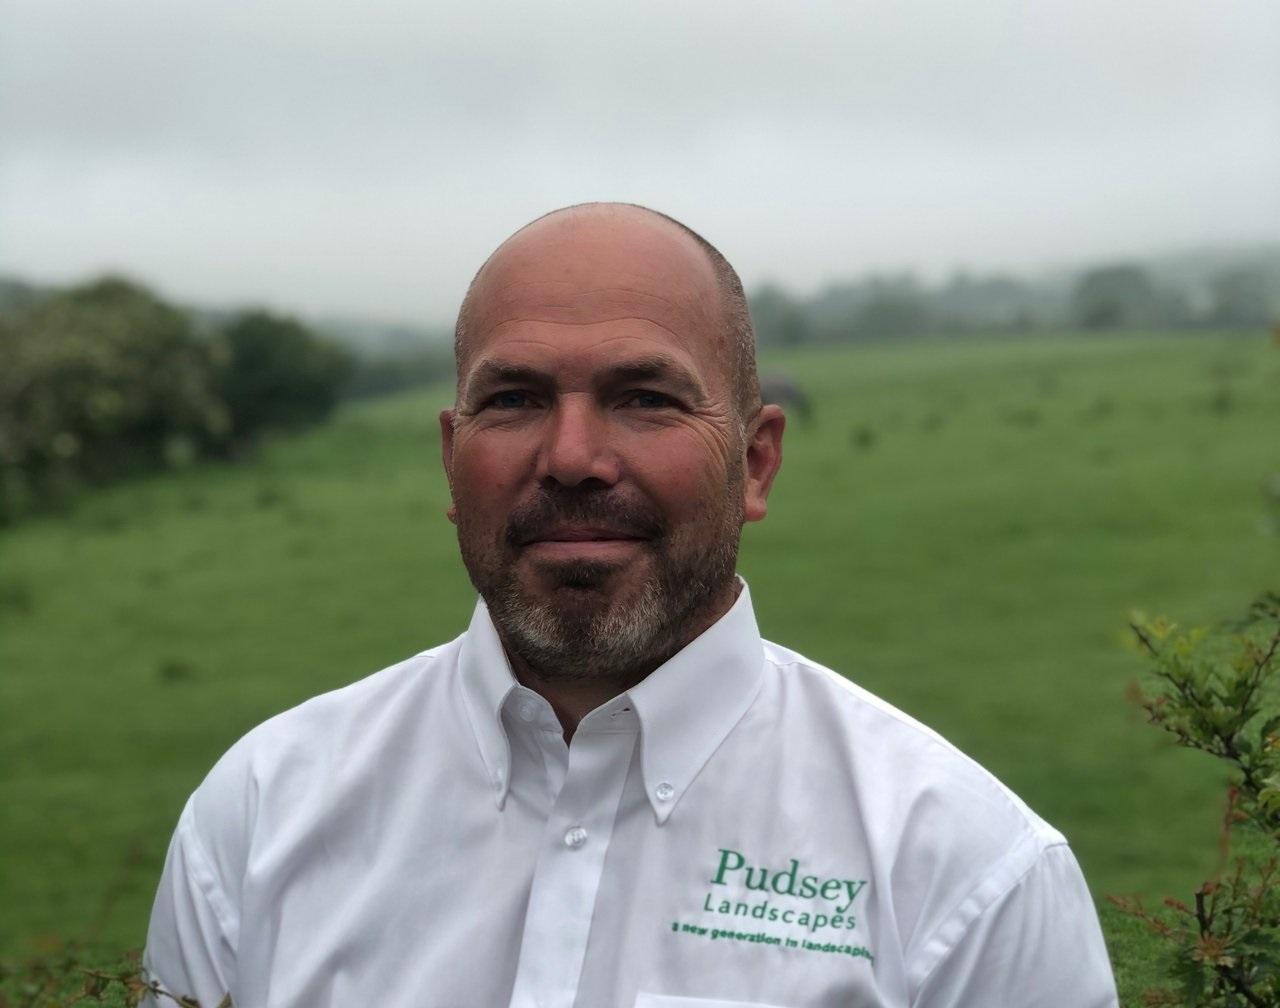 Pudsey Landscapes Management Team Member